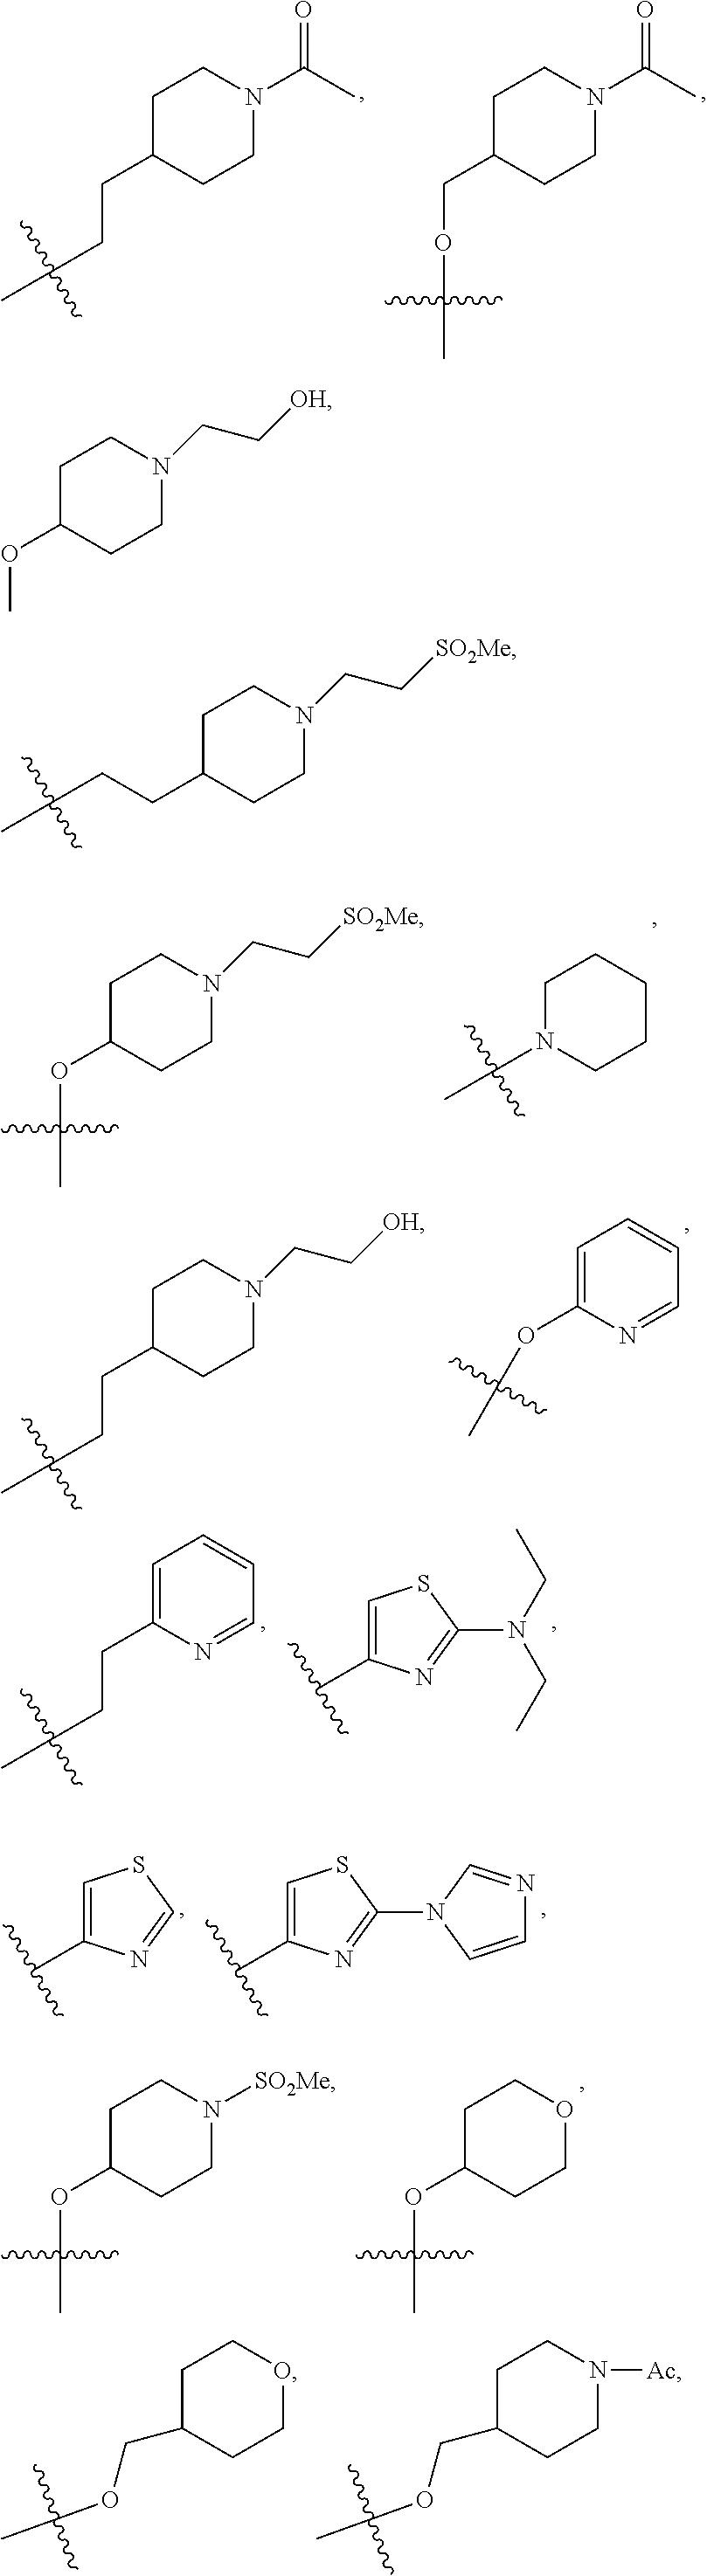 Figure US08940742-20150127-C00269